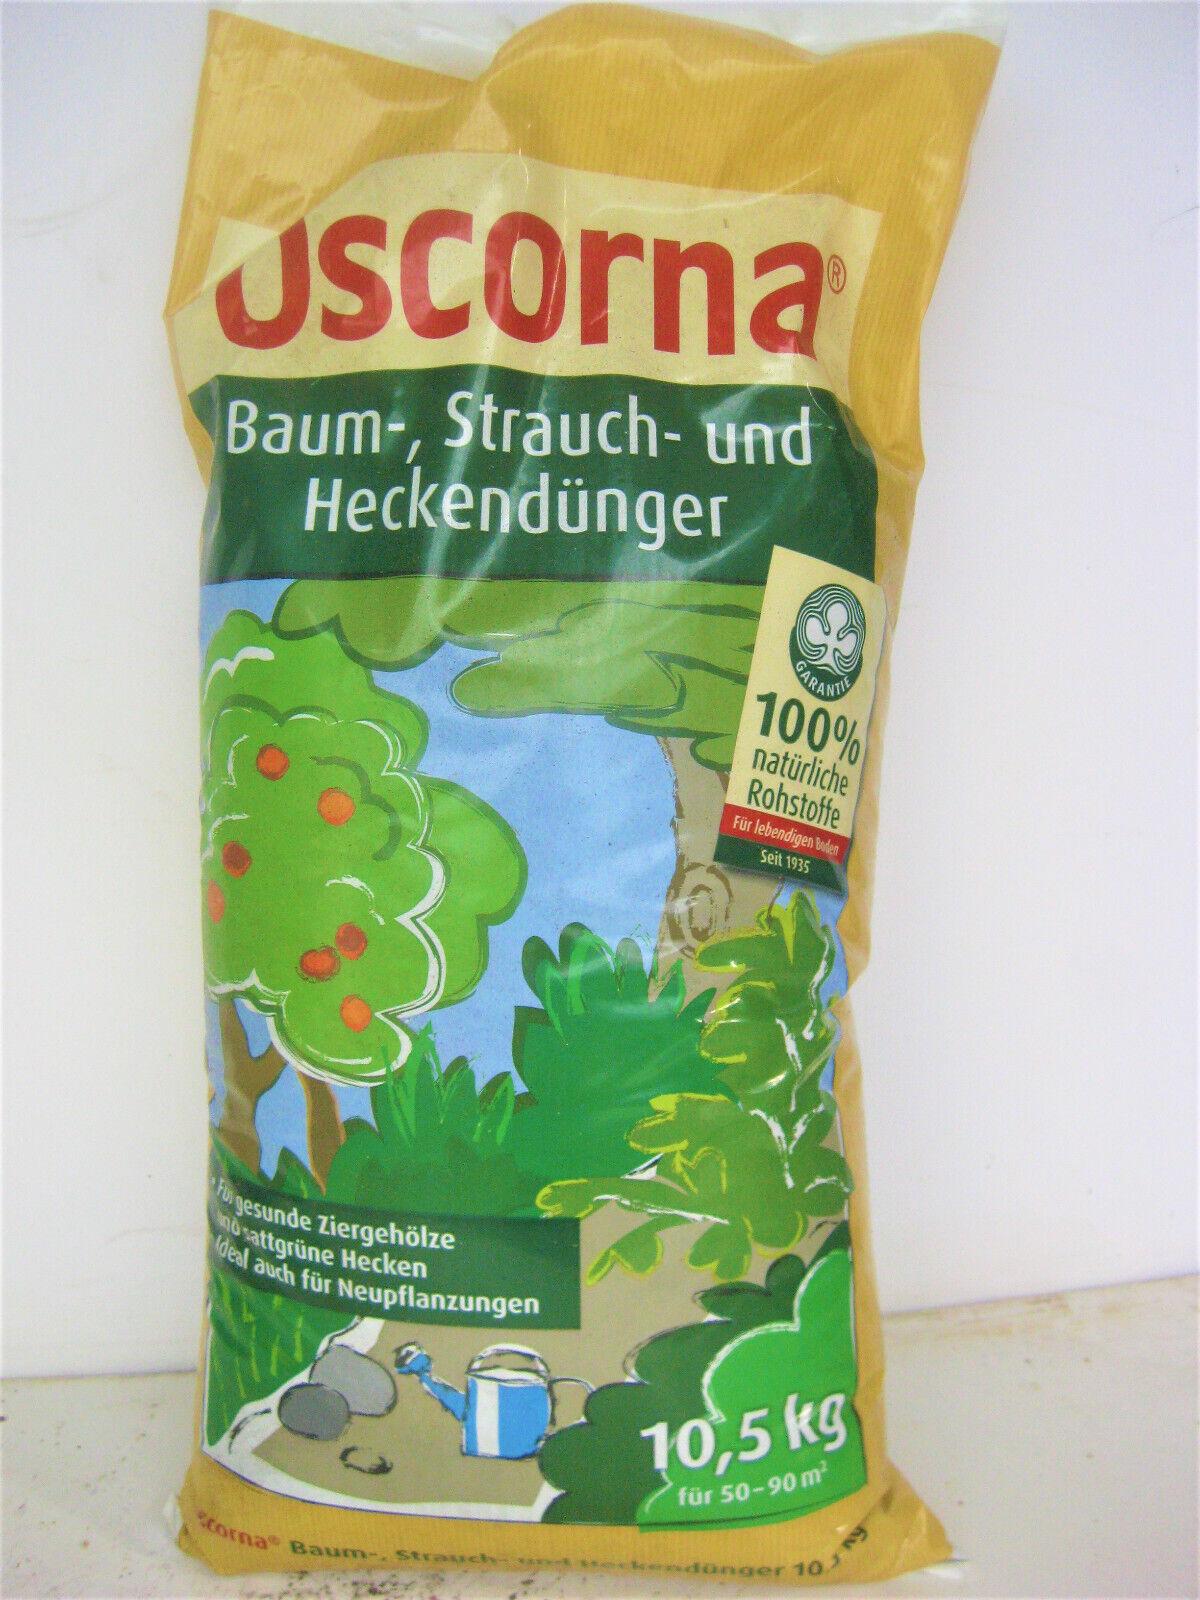 Oscorna Baum Strauch und Heckendünger Naturdünger Volldünger 10,5Kg